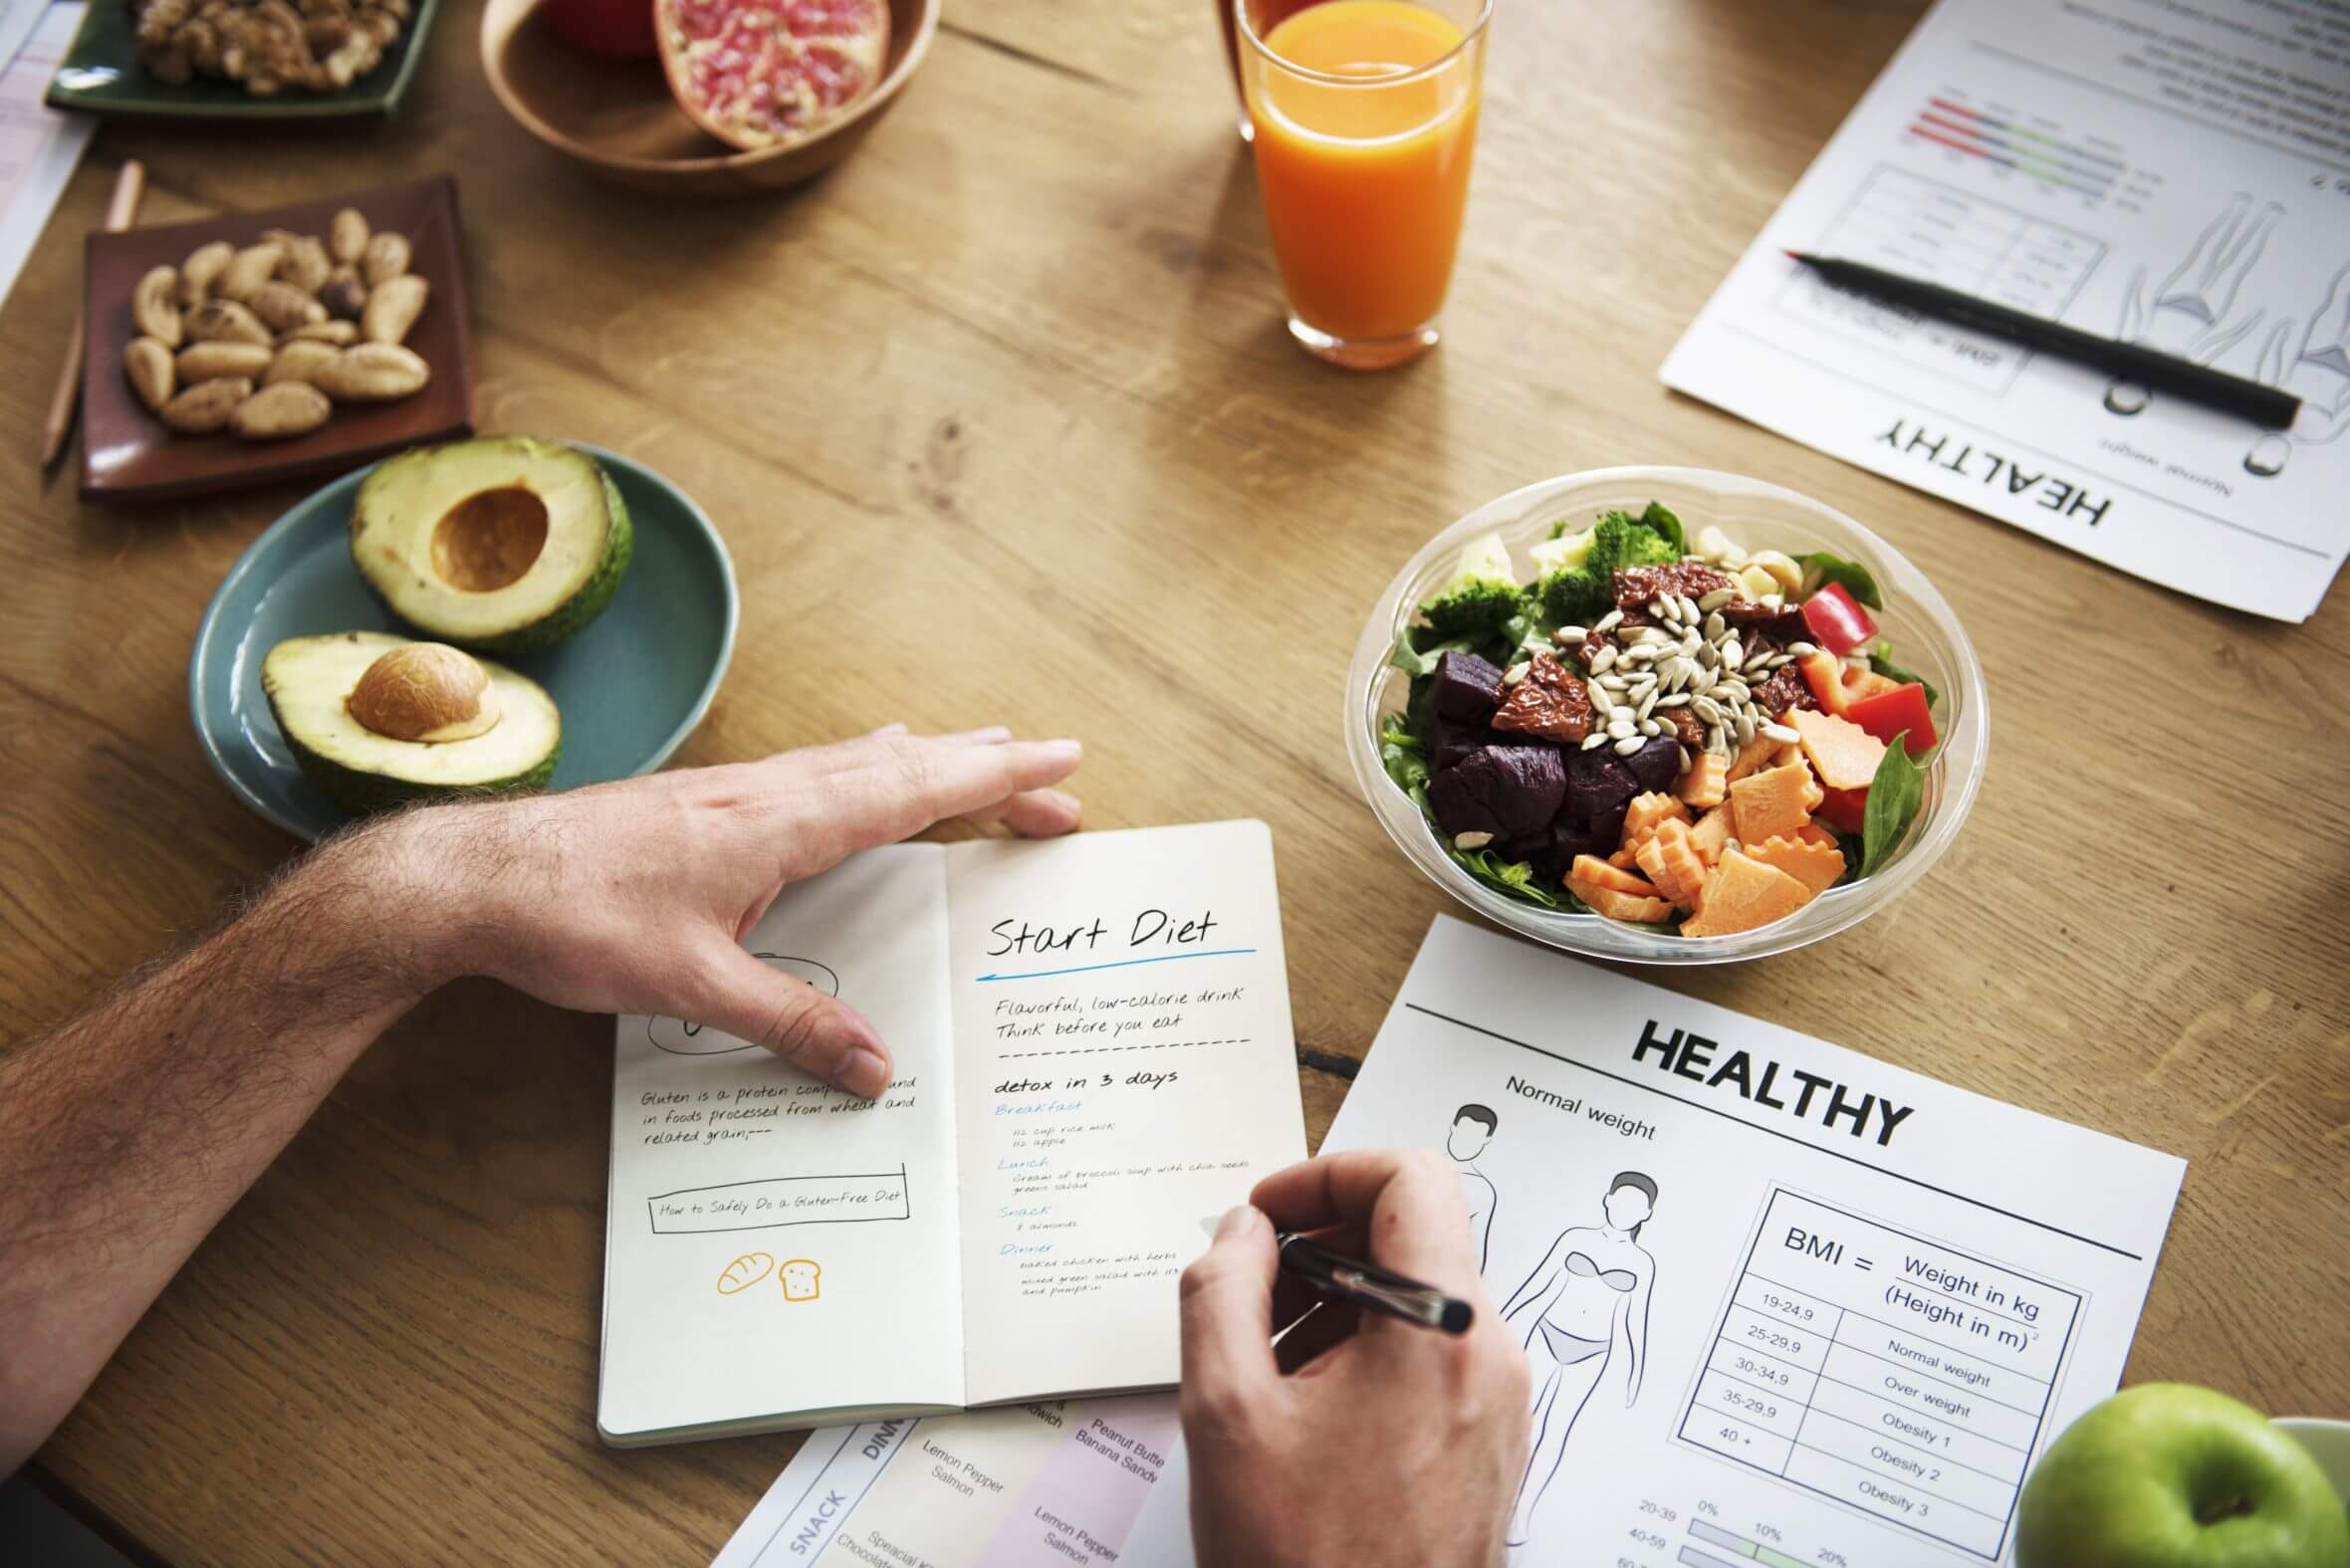 Chế độ ăn tập gym giảm cân mang tới hiệu quả nhanh chóng